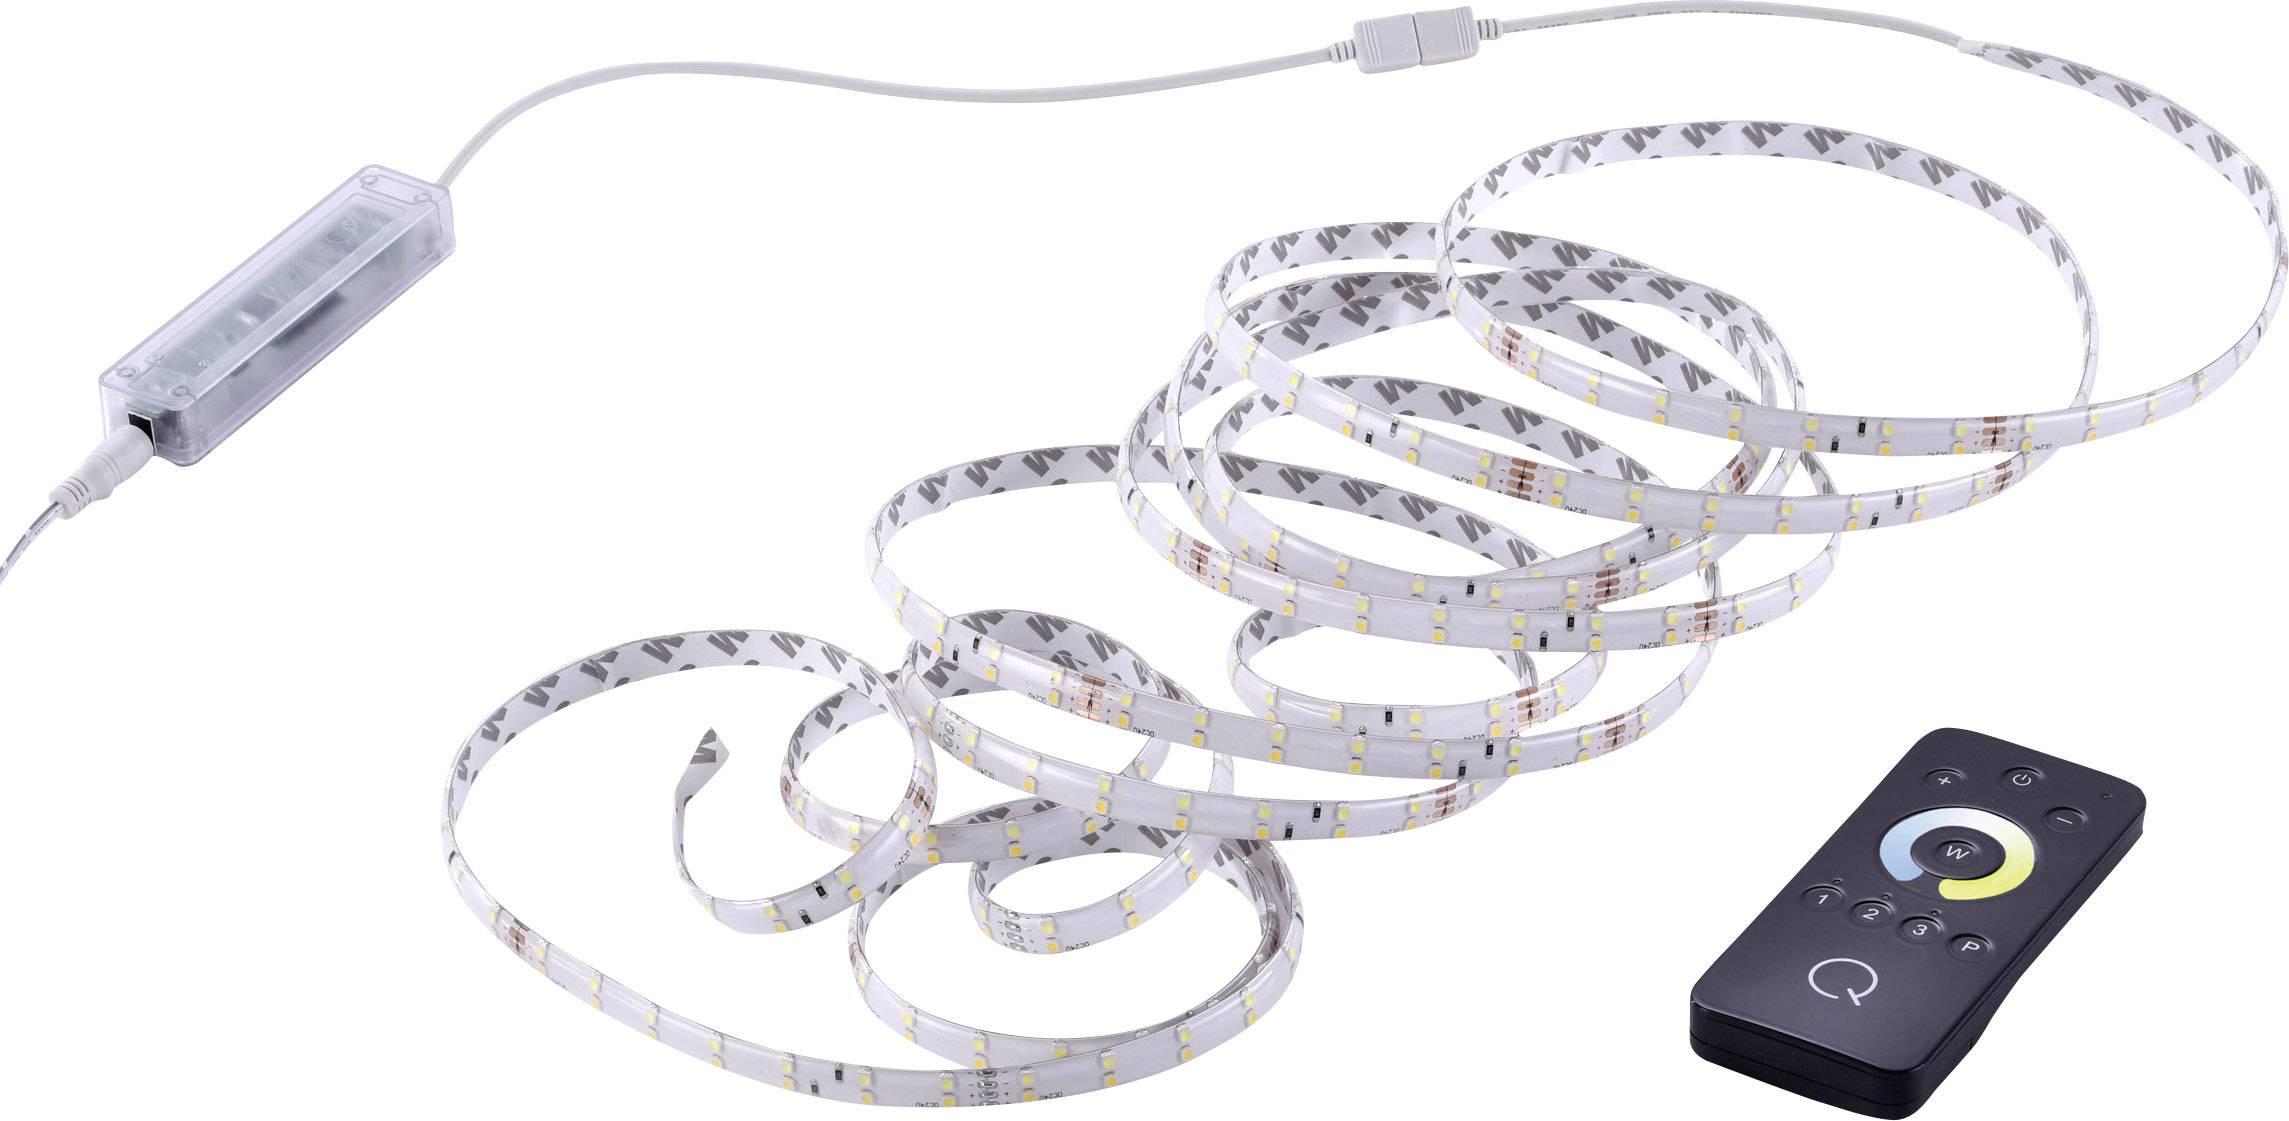 LED pásik Paul Neuhaus Q®;Q®-Teania, pevne zabudované LED osvetlenie, 25 W, teplá biela, RGB